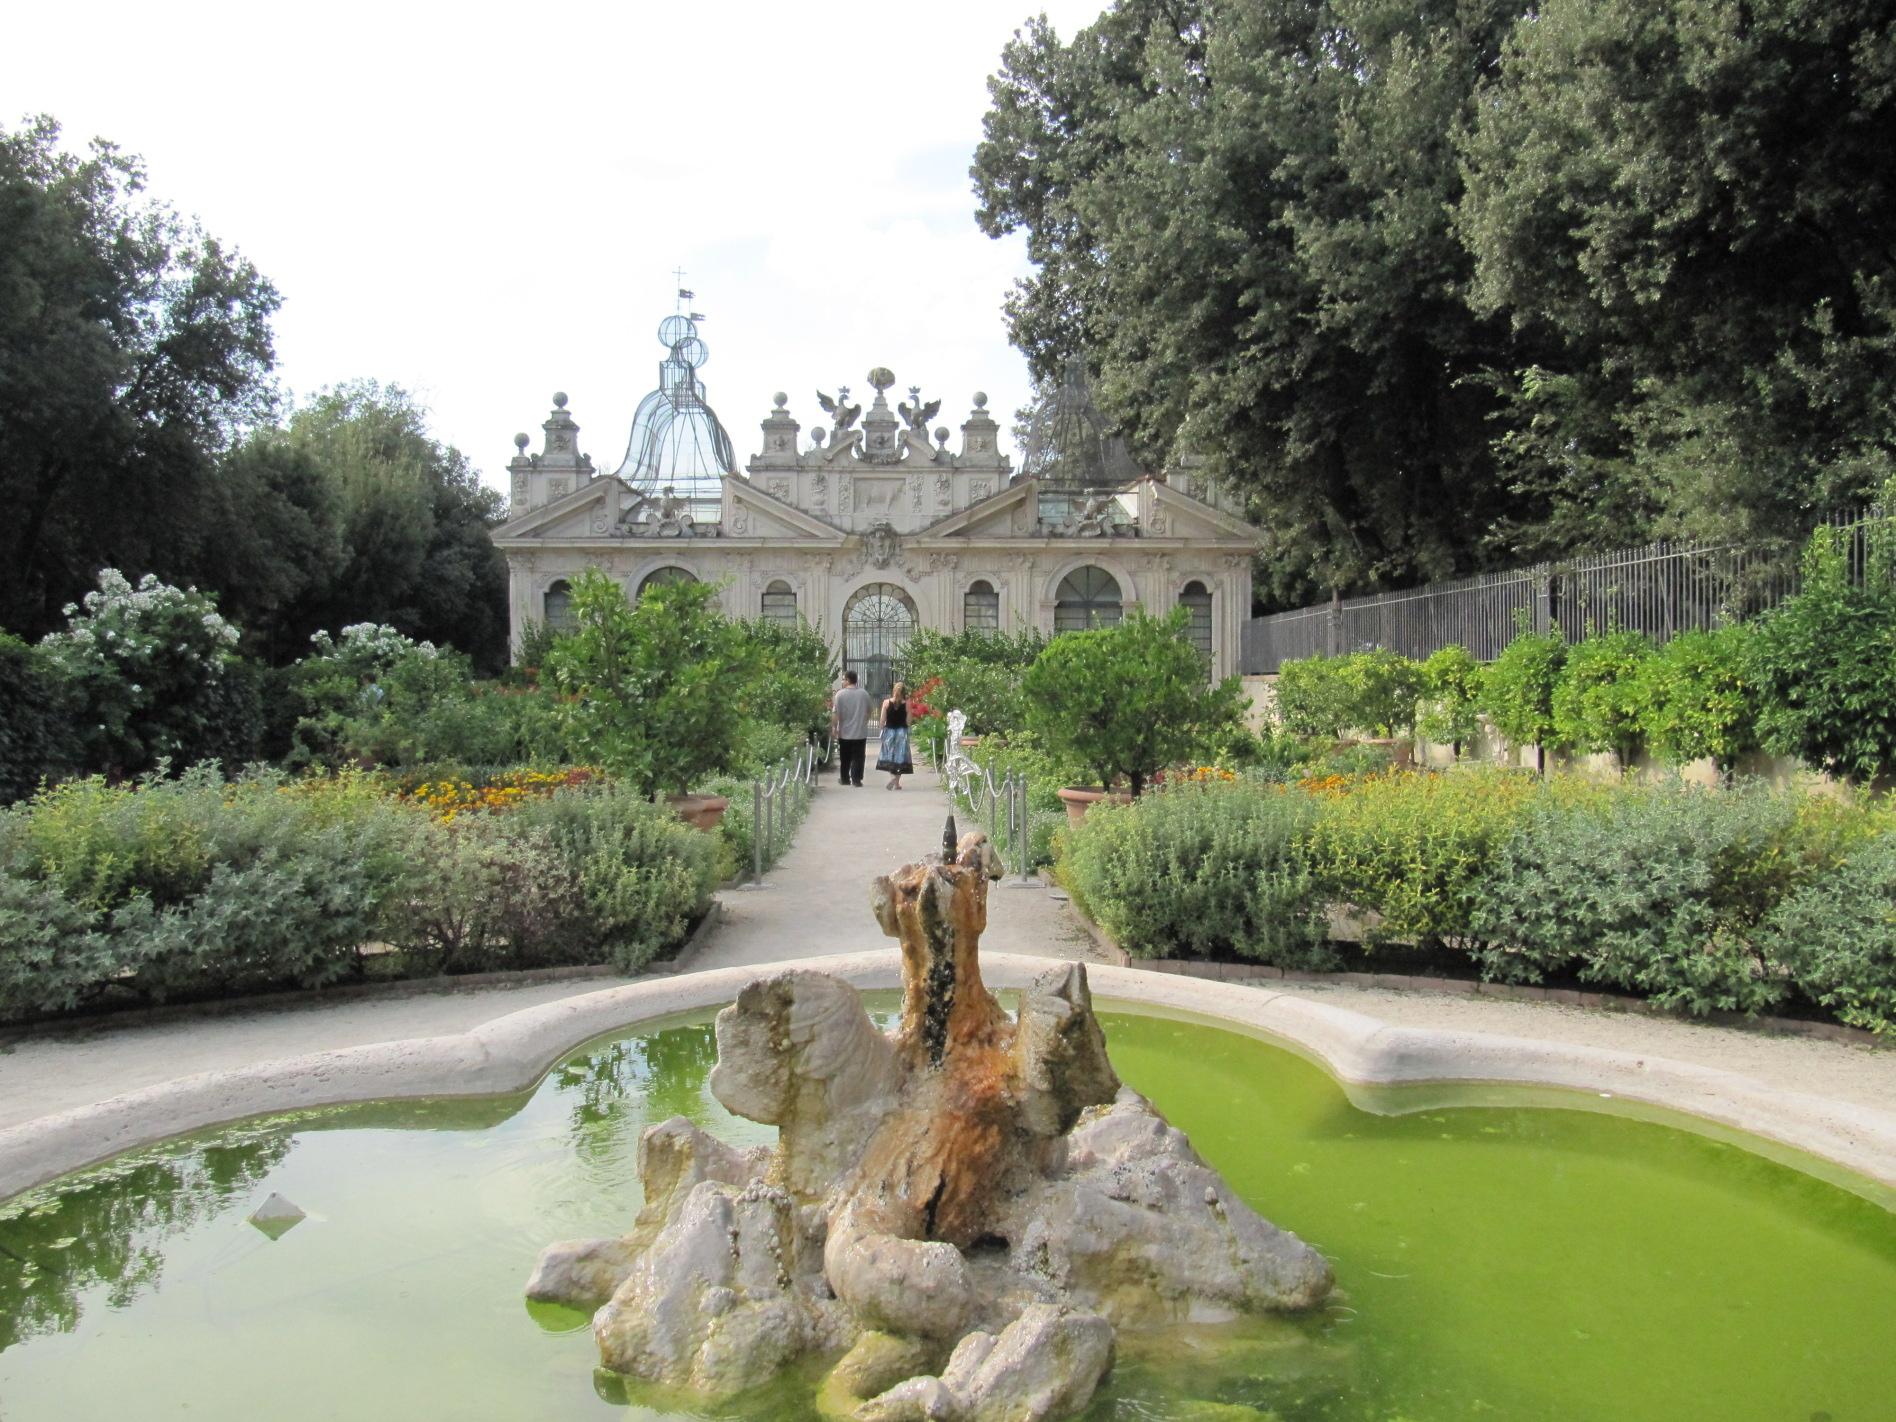 I giardini segreti di villa borghese giardino dei fiori - Il giardino dei fiori segreti ...